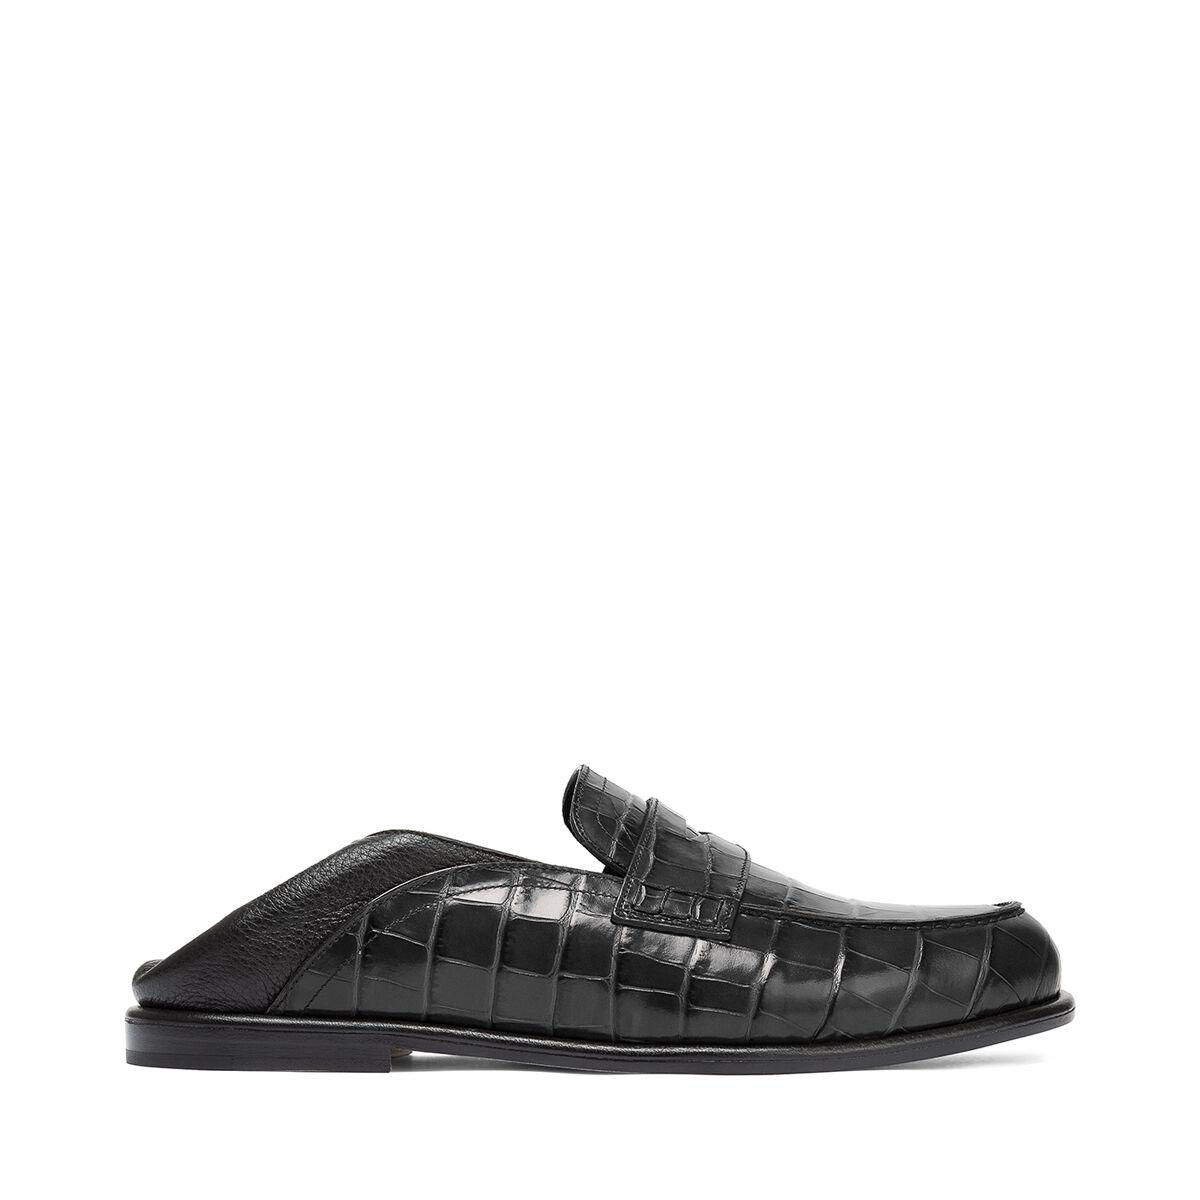 LOEWE Slip On Loafer 黑色/黑色 all